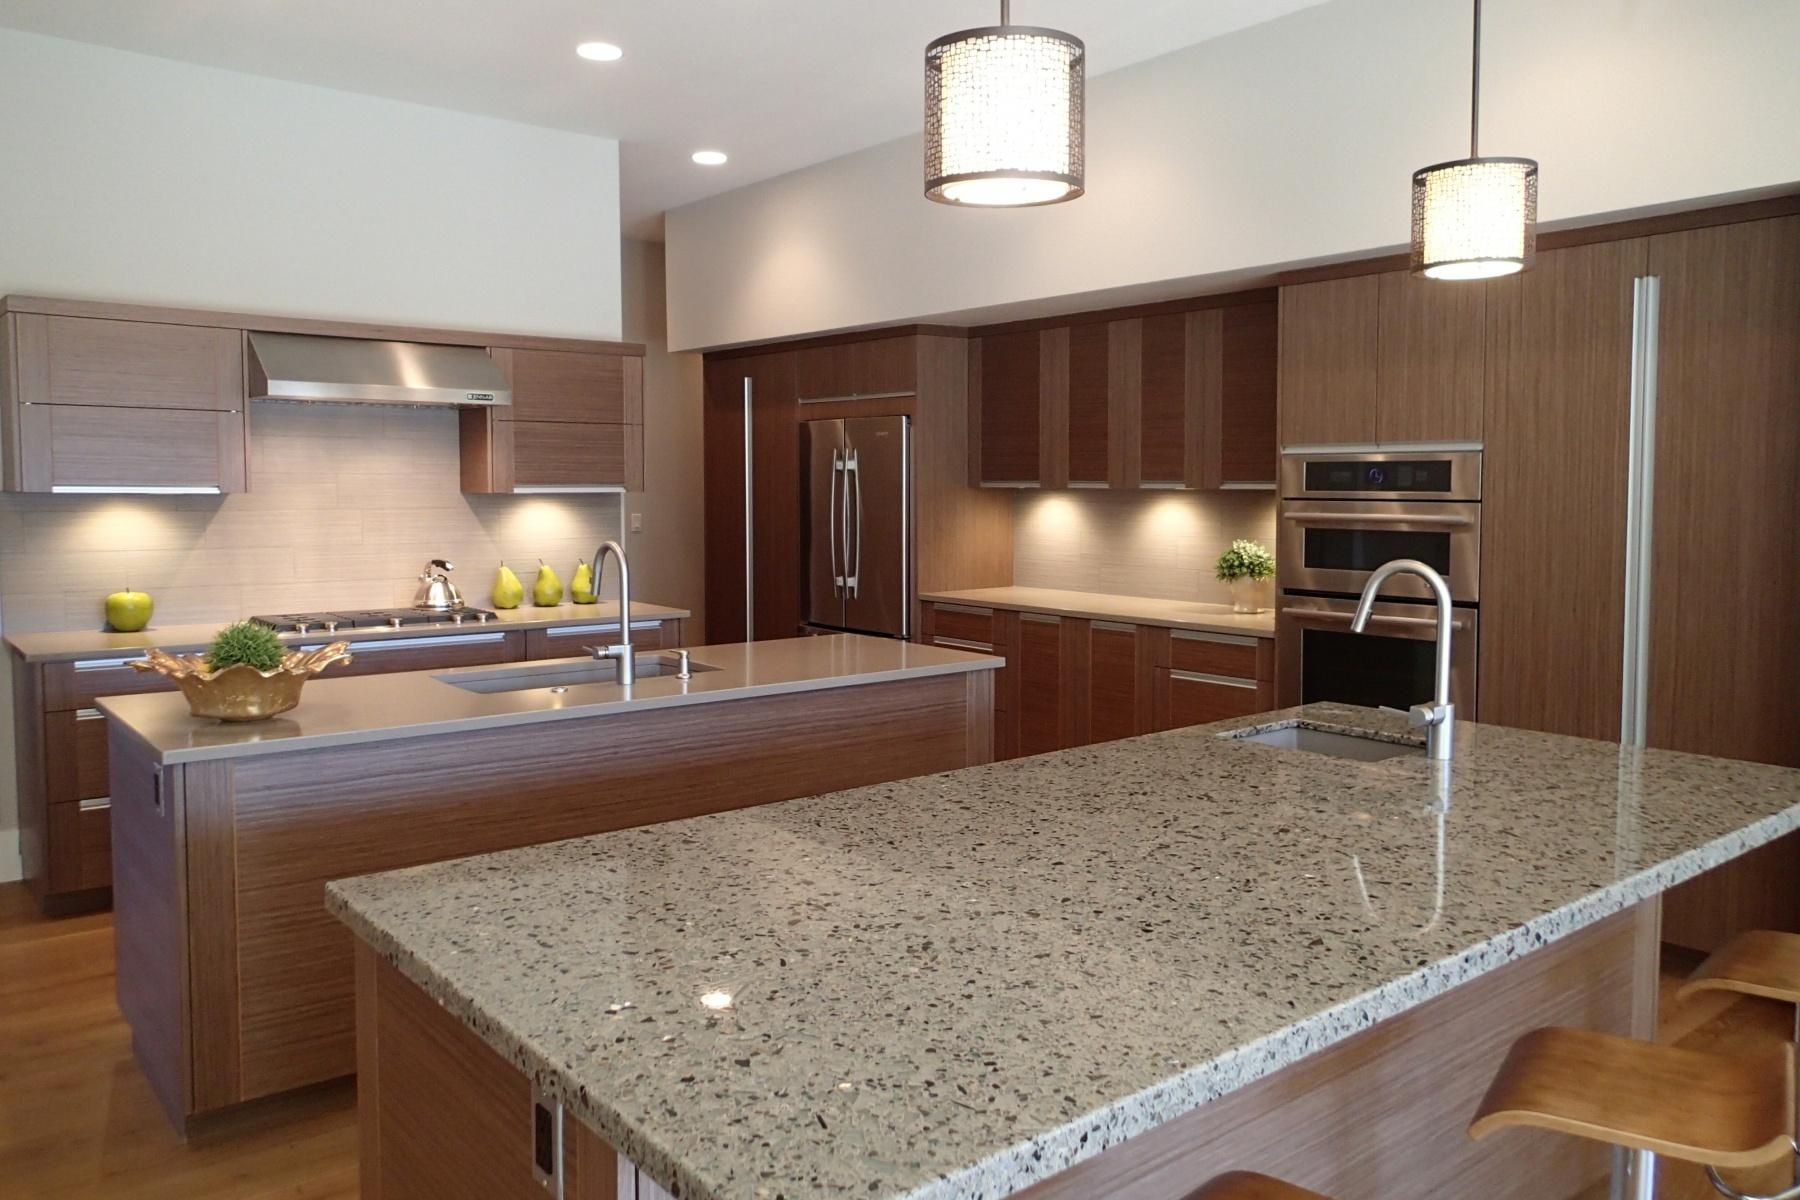 联栋屋 为 销售 在 Tripleknot Single Level - Mountain Views 19300 Eaton Lane Lot 26 本德, 俄勒冈州, 97702 美国